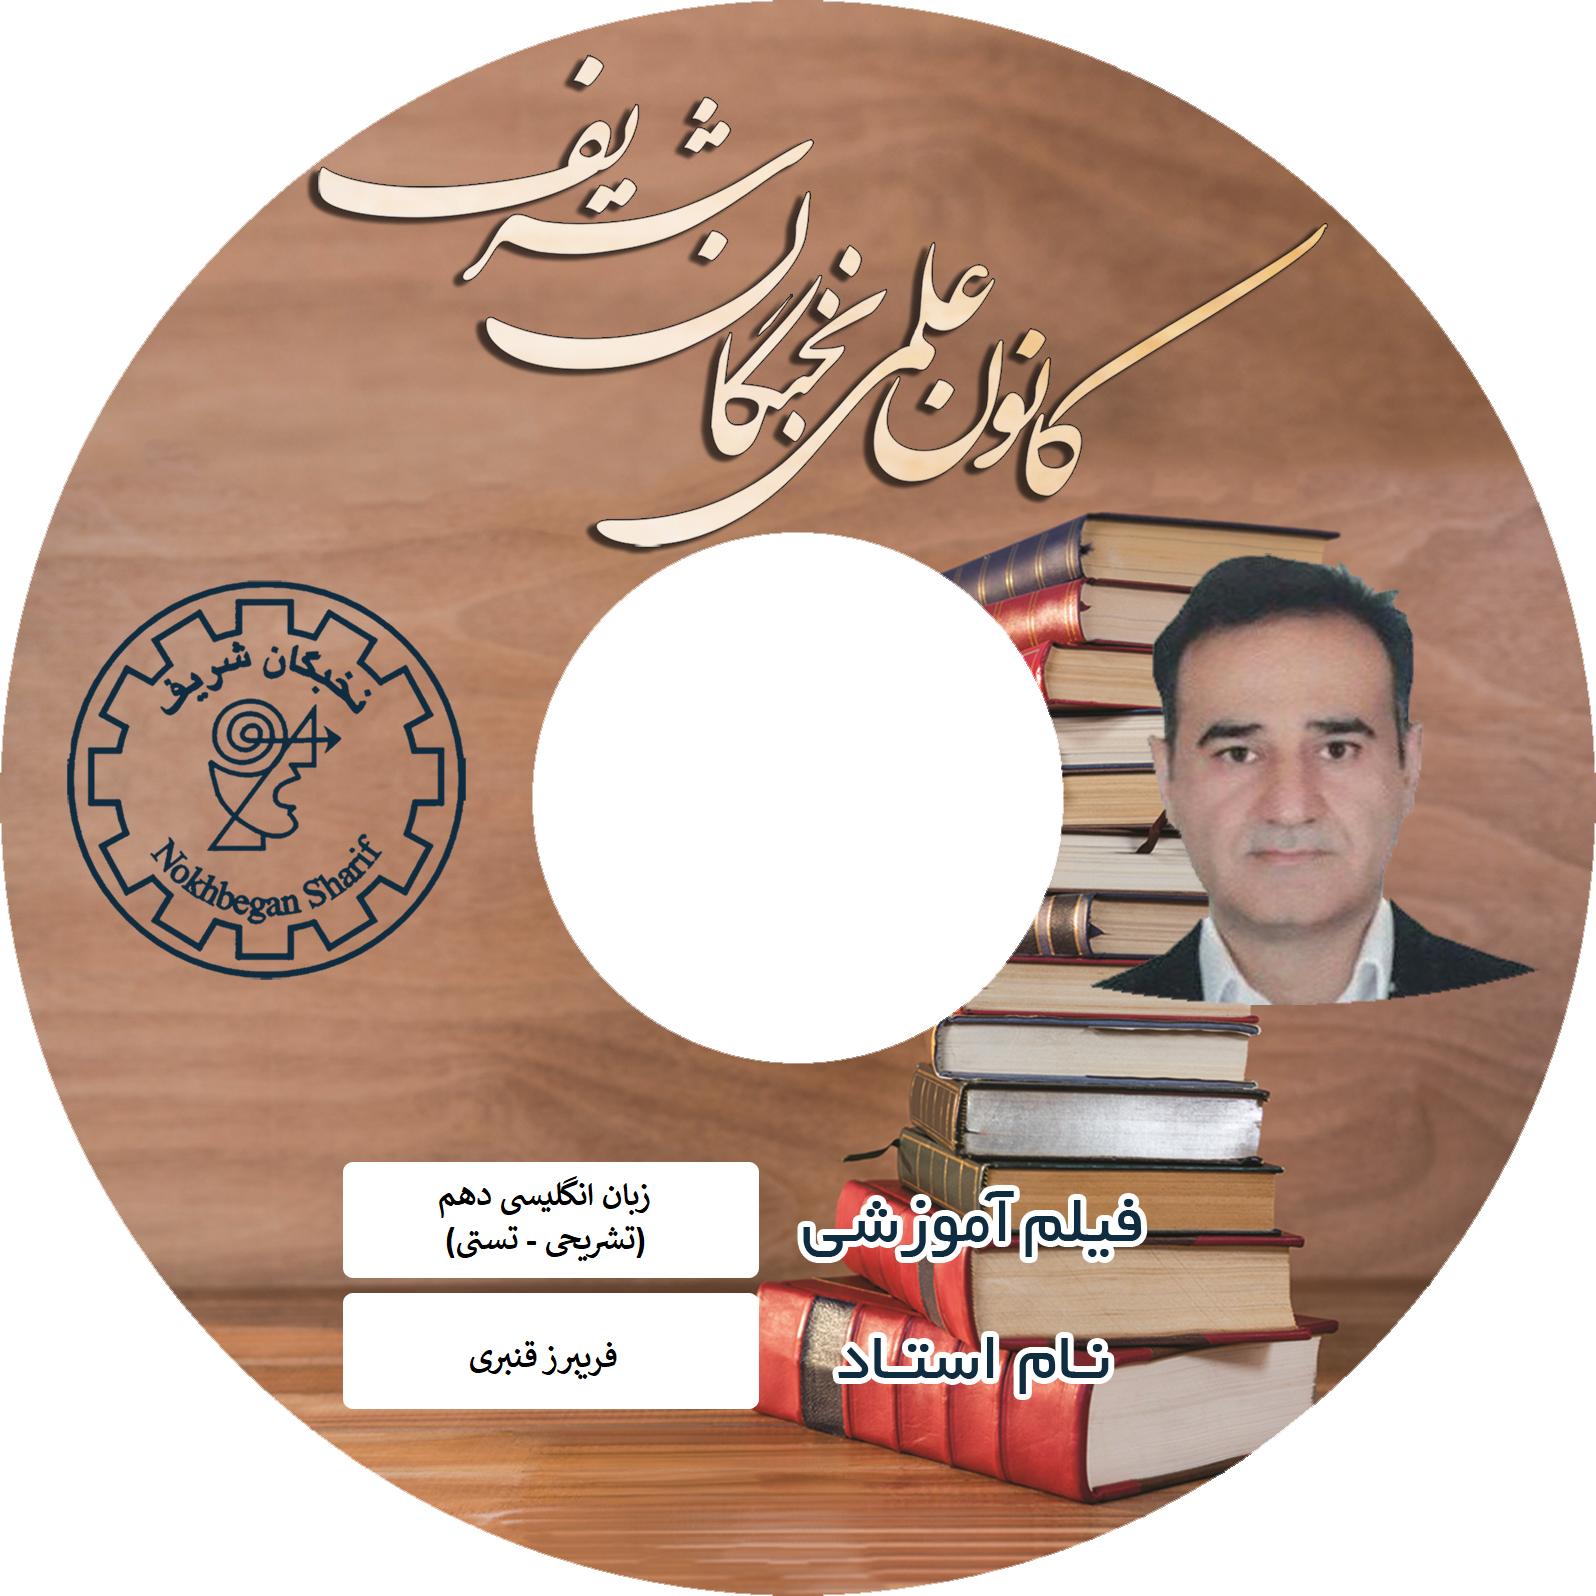 آموزش تصویری زبان انگلیسی دهم نشر نخبگان شریف